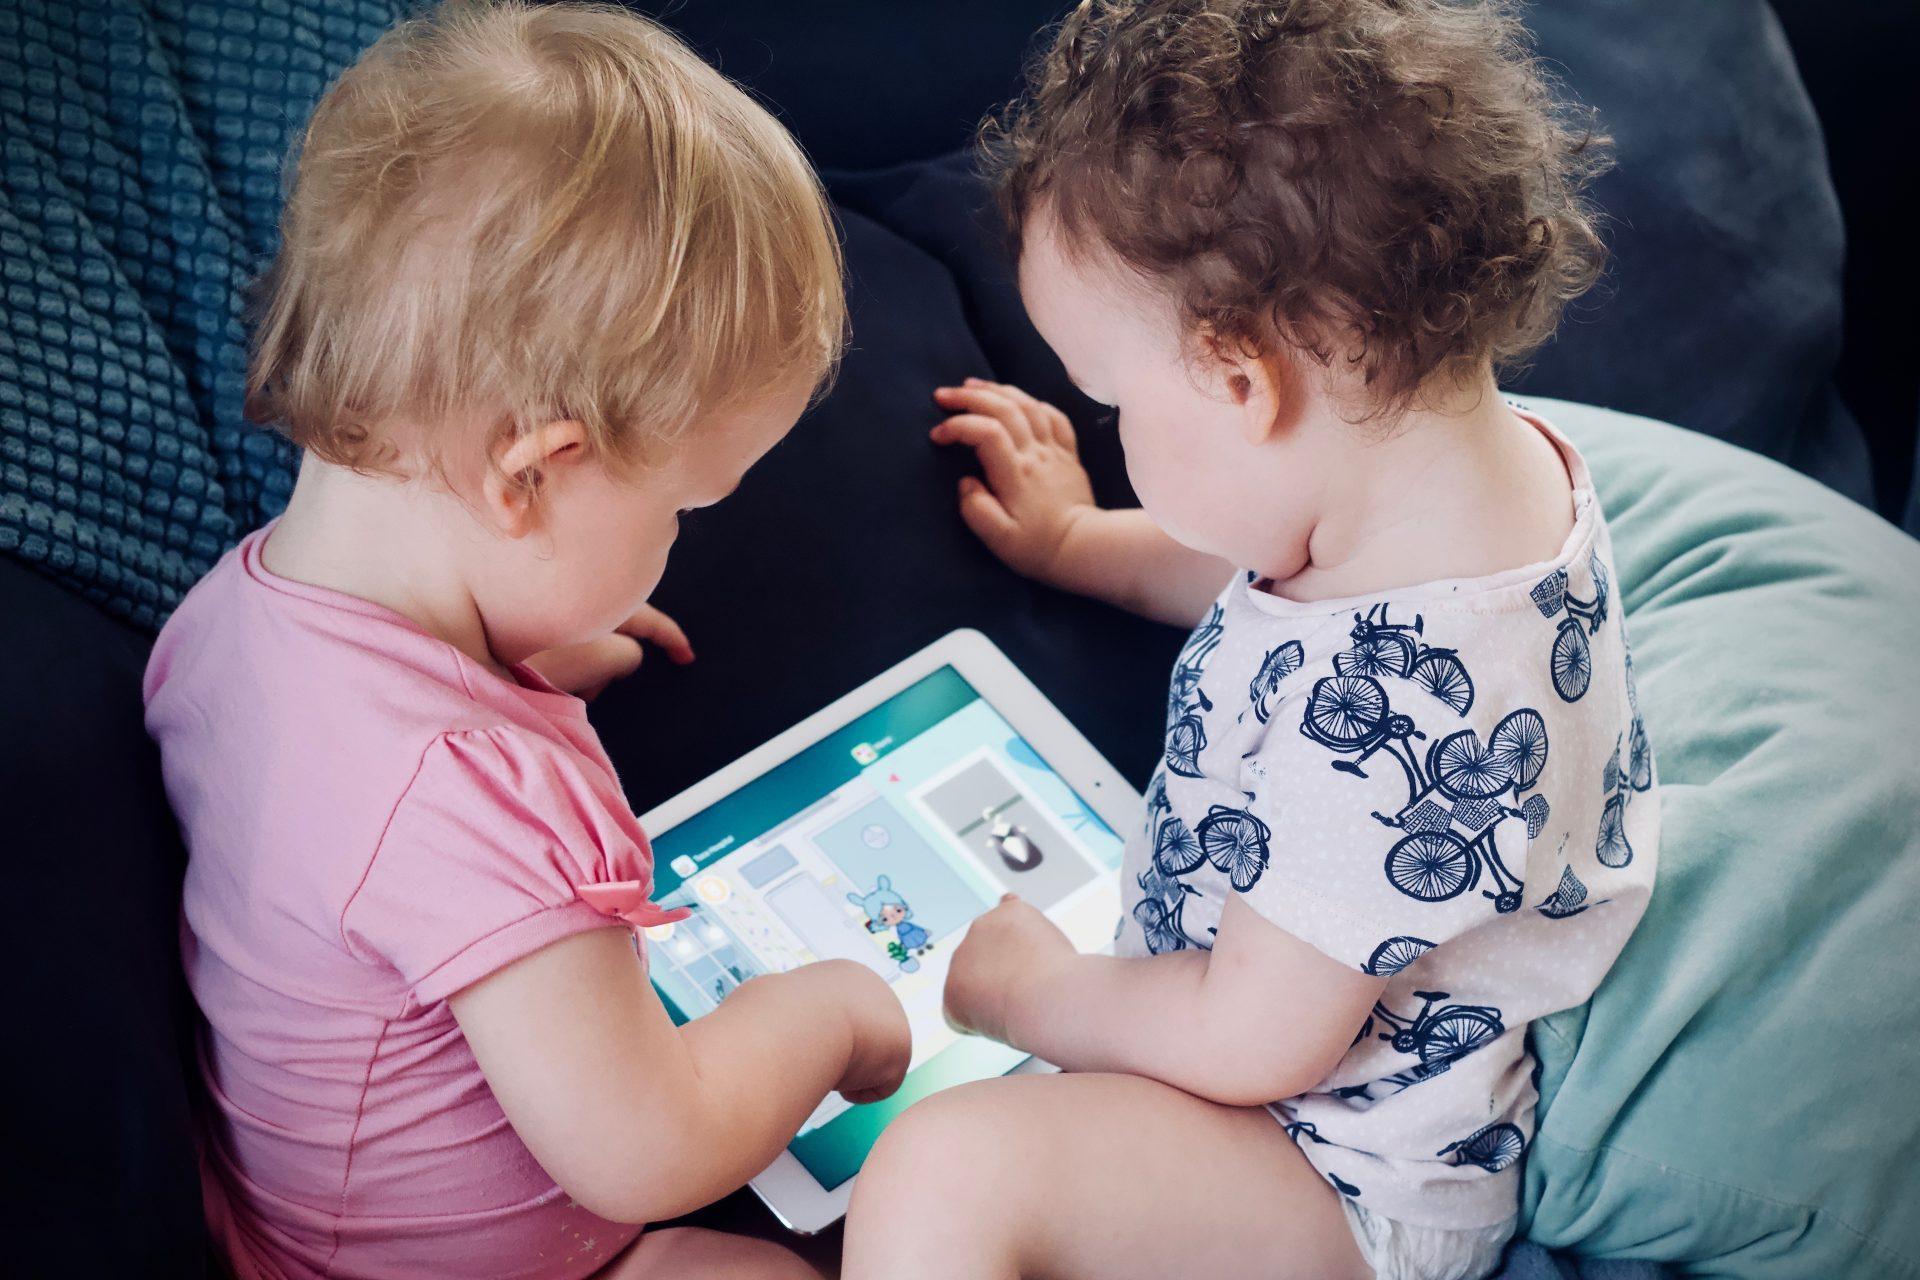 Como anúncios em apps de jogos infantis ferem os direitos das crianças